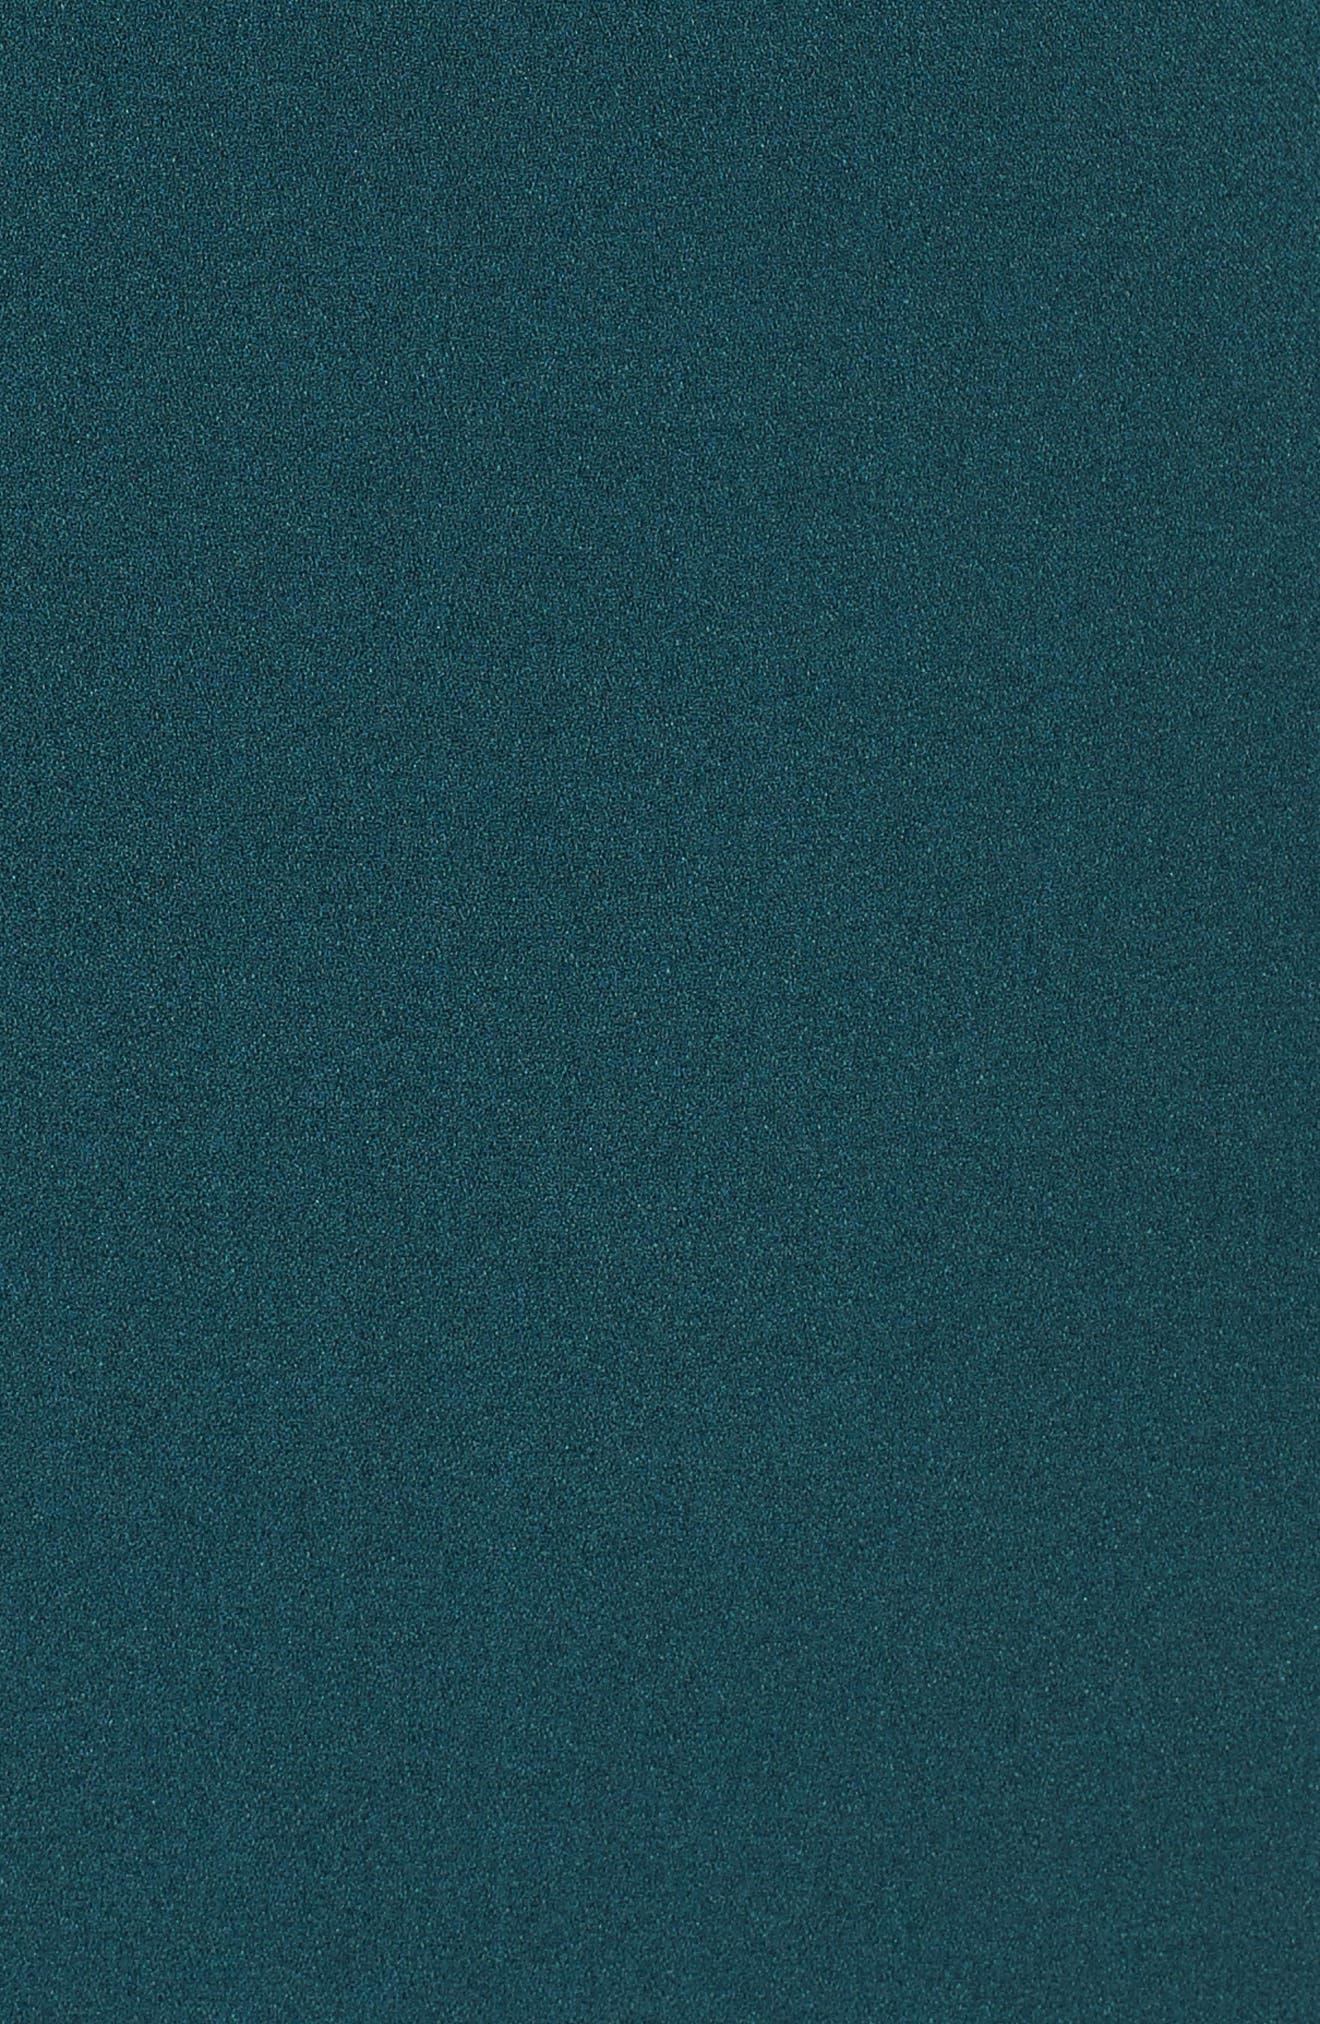 Off the Shoulder Dress,                             Alternate thumbnail 5, color,                             Green Botanical